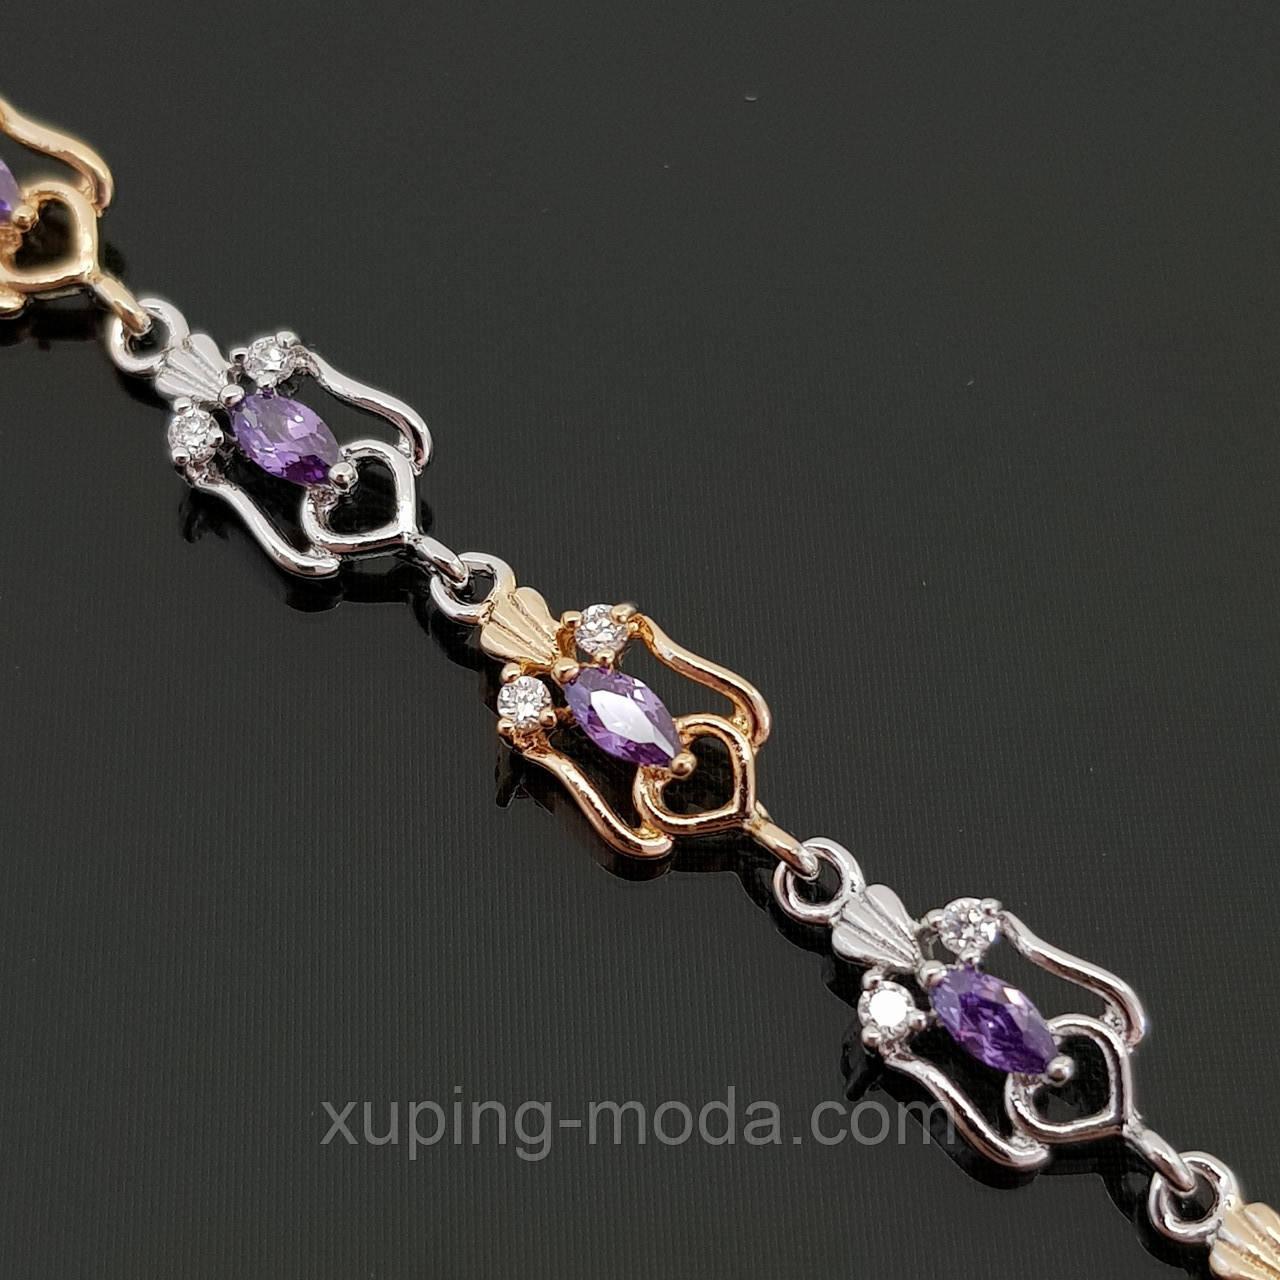 Браслет с фиолетовыми камнями. Недорогая бижутерия